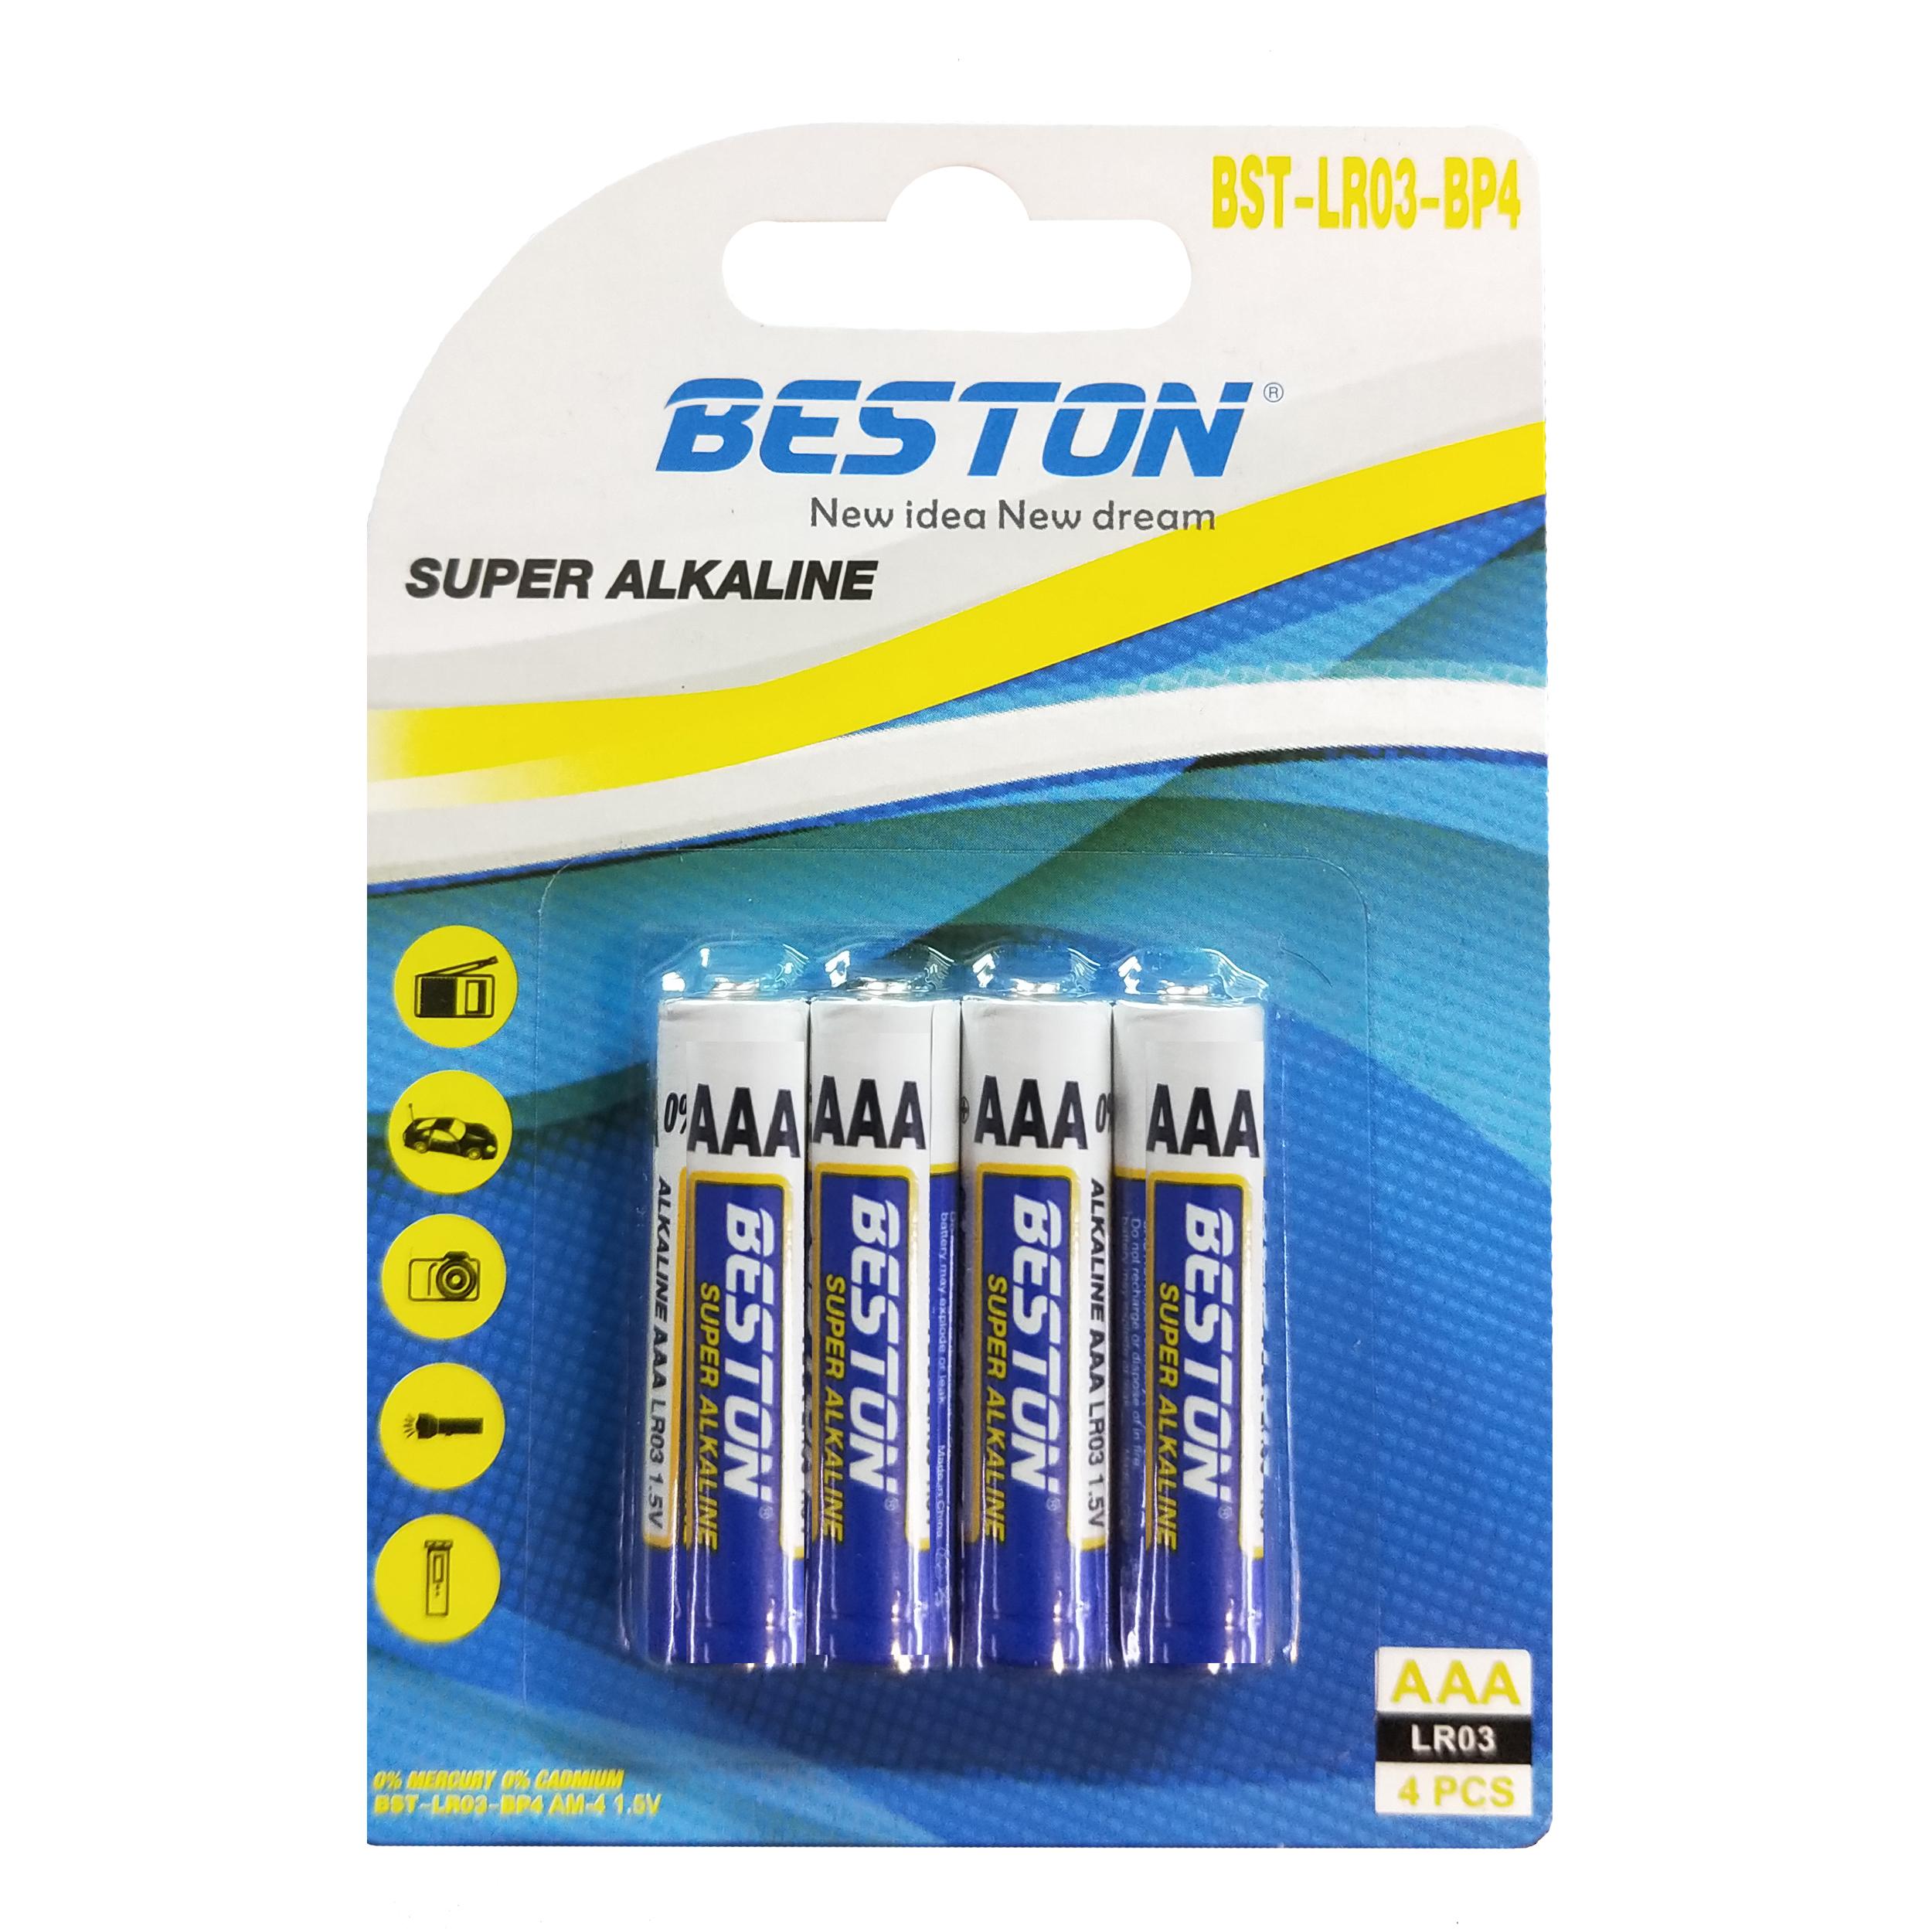 بررسی و {خرید با تخفیف} باتری نیم قلمی بستون مدل LR-03 بسته 4 عددی اصل